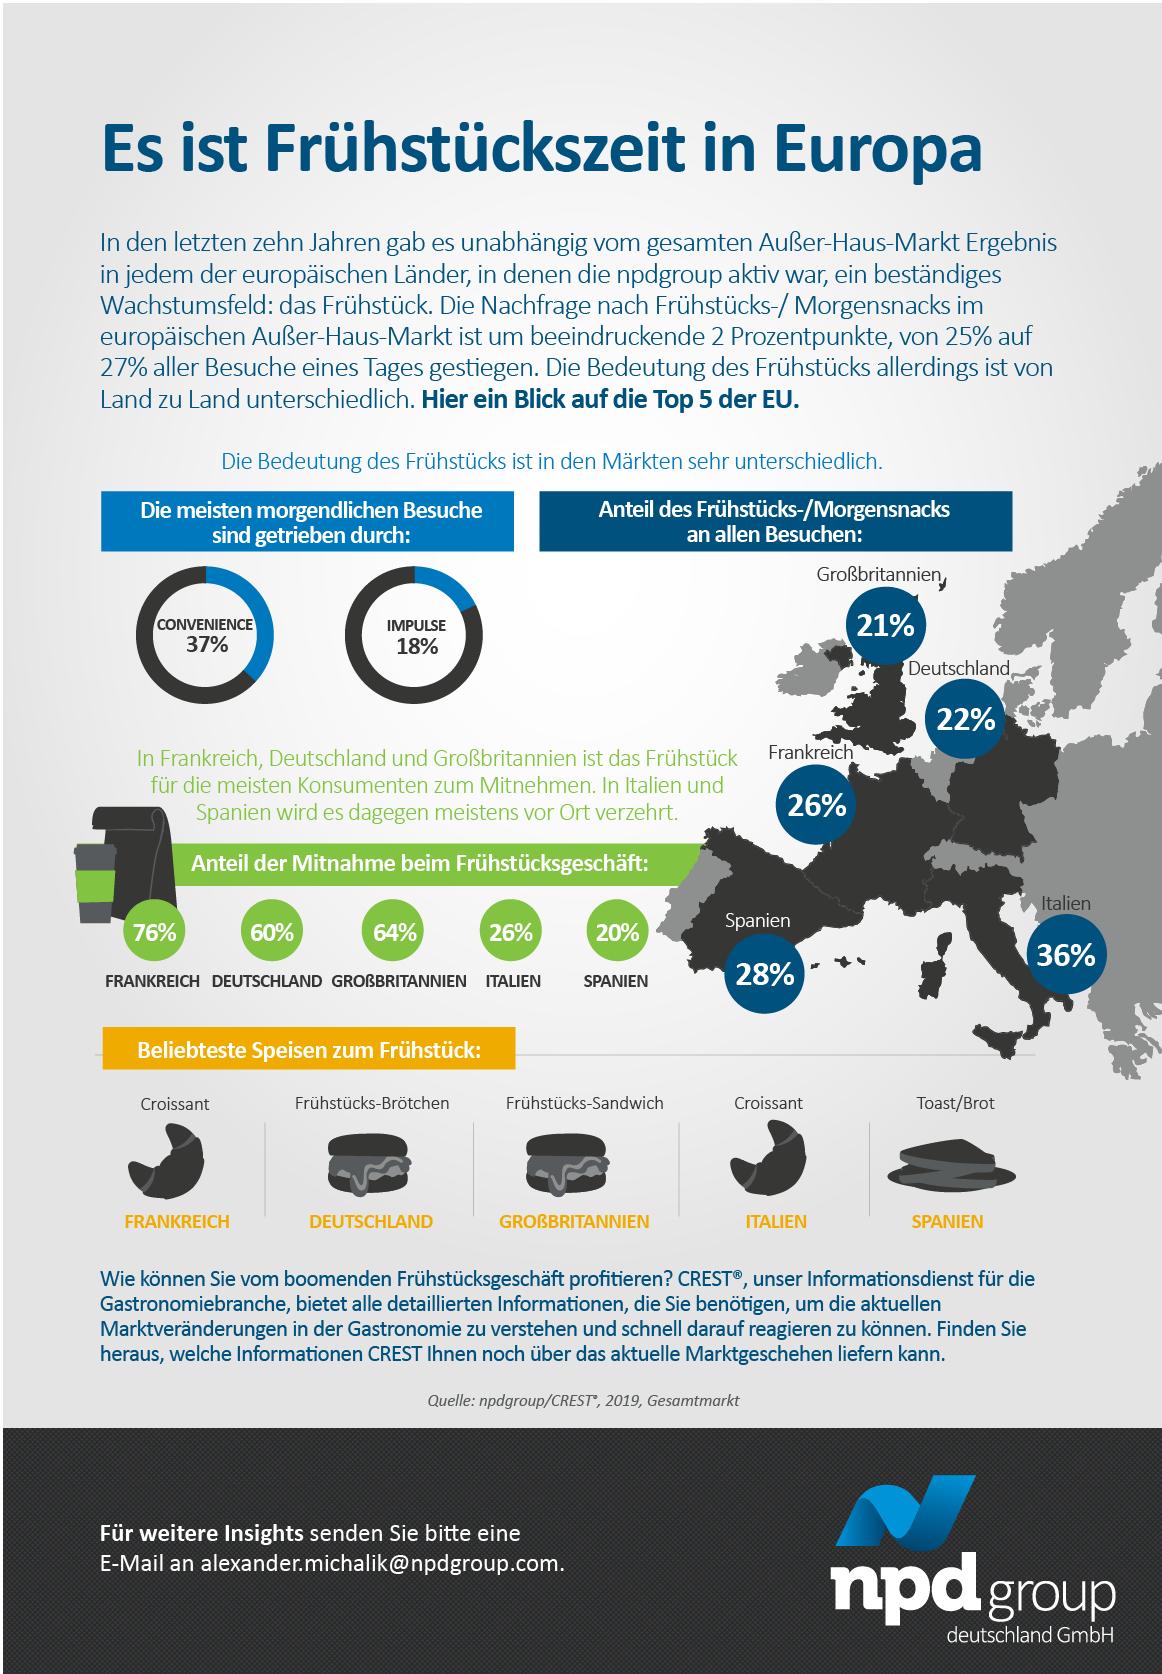 In den letzten zehn Jahren gab es unabhängig vom gesamten Außer-Haus-Markt Ergebnis in jedem der europäischen Länder, in denen die npdgroup aktiv war, ein beständiges Wachstumsfeld: das Frühstück.